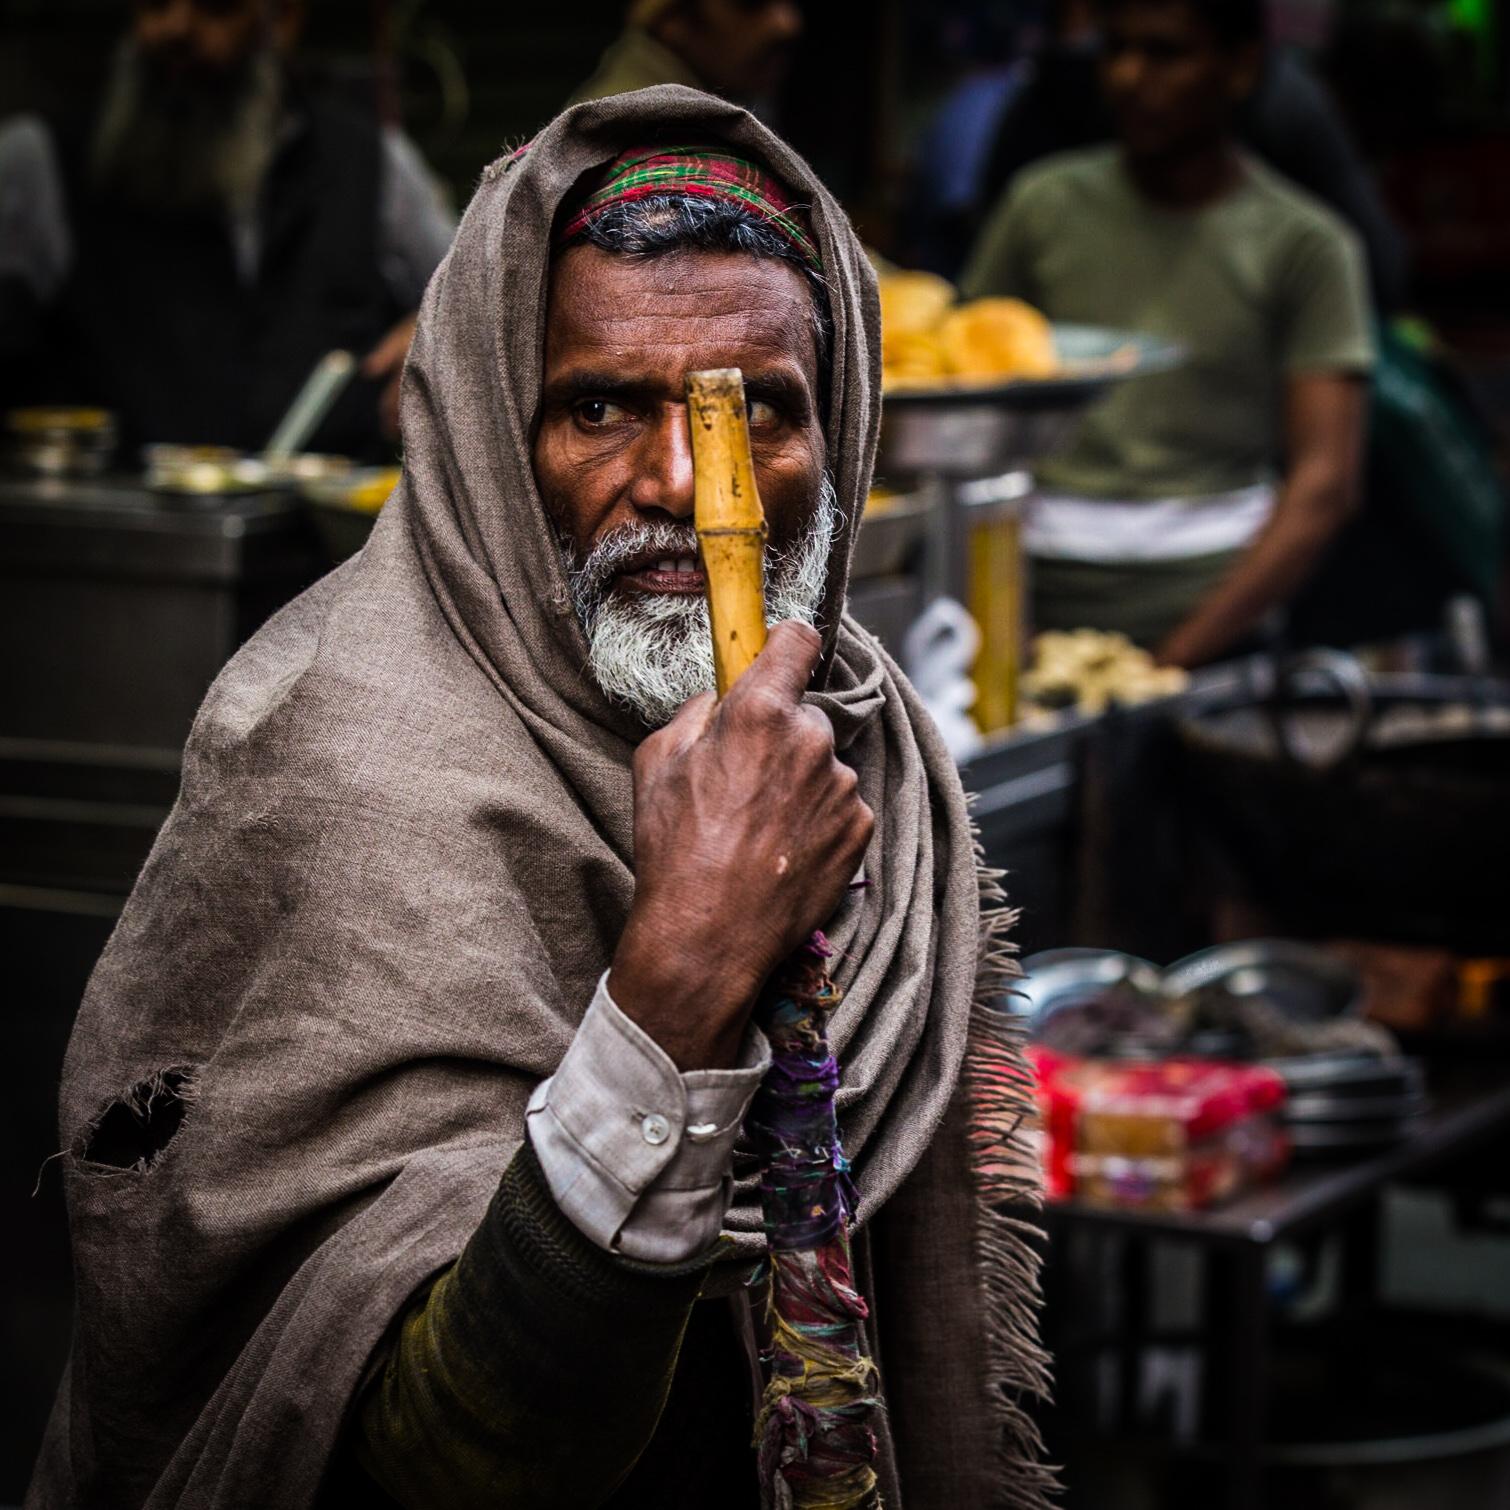 pilgrim, Delhi India